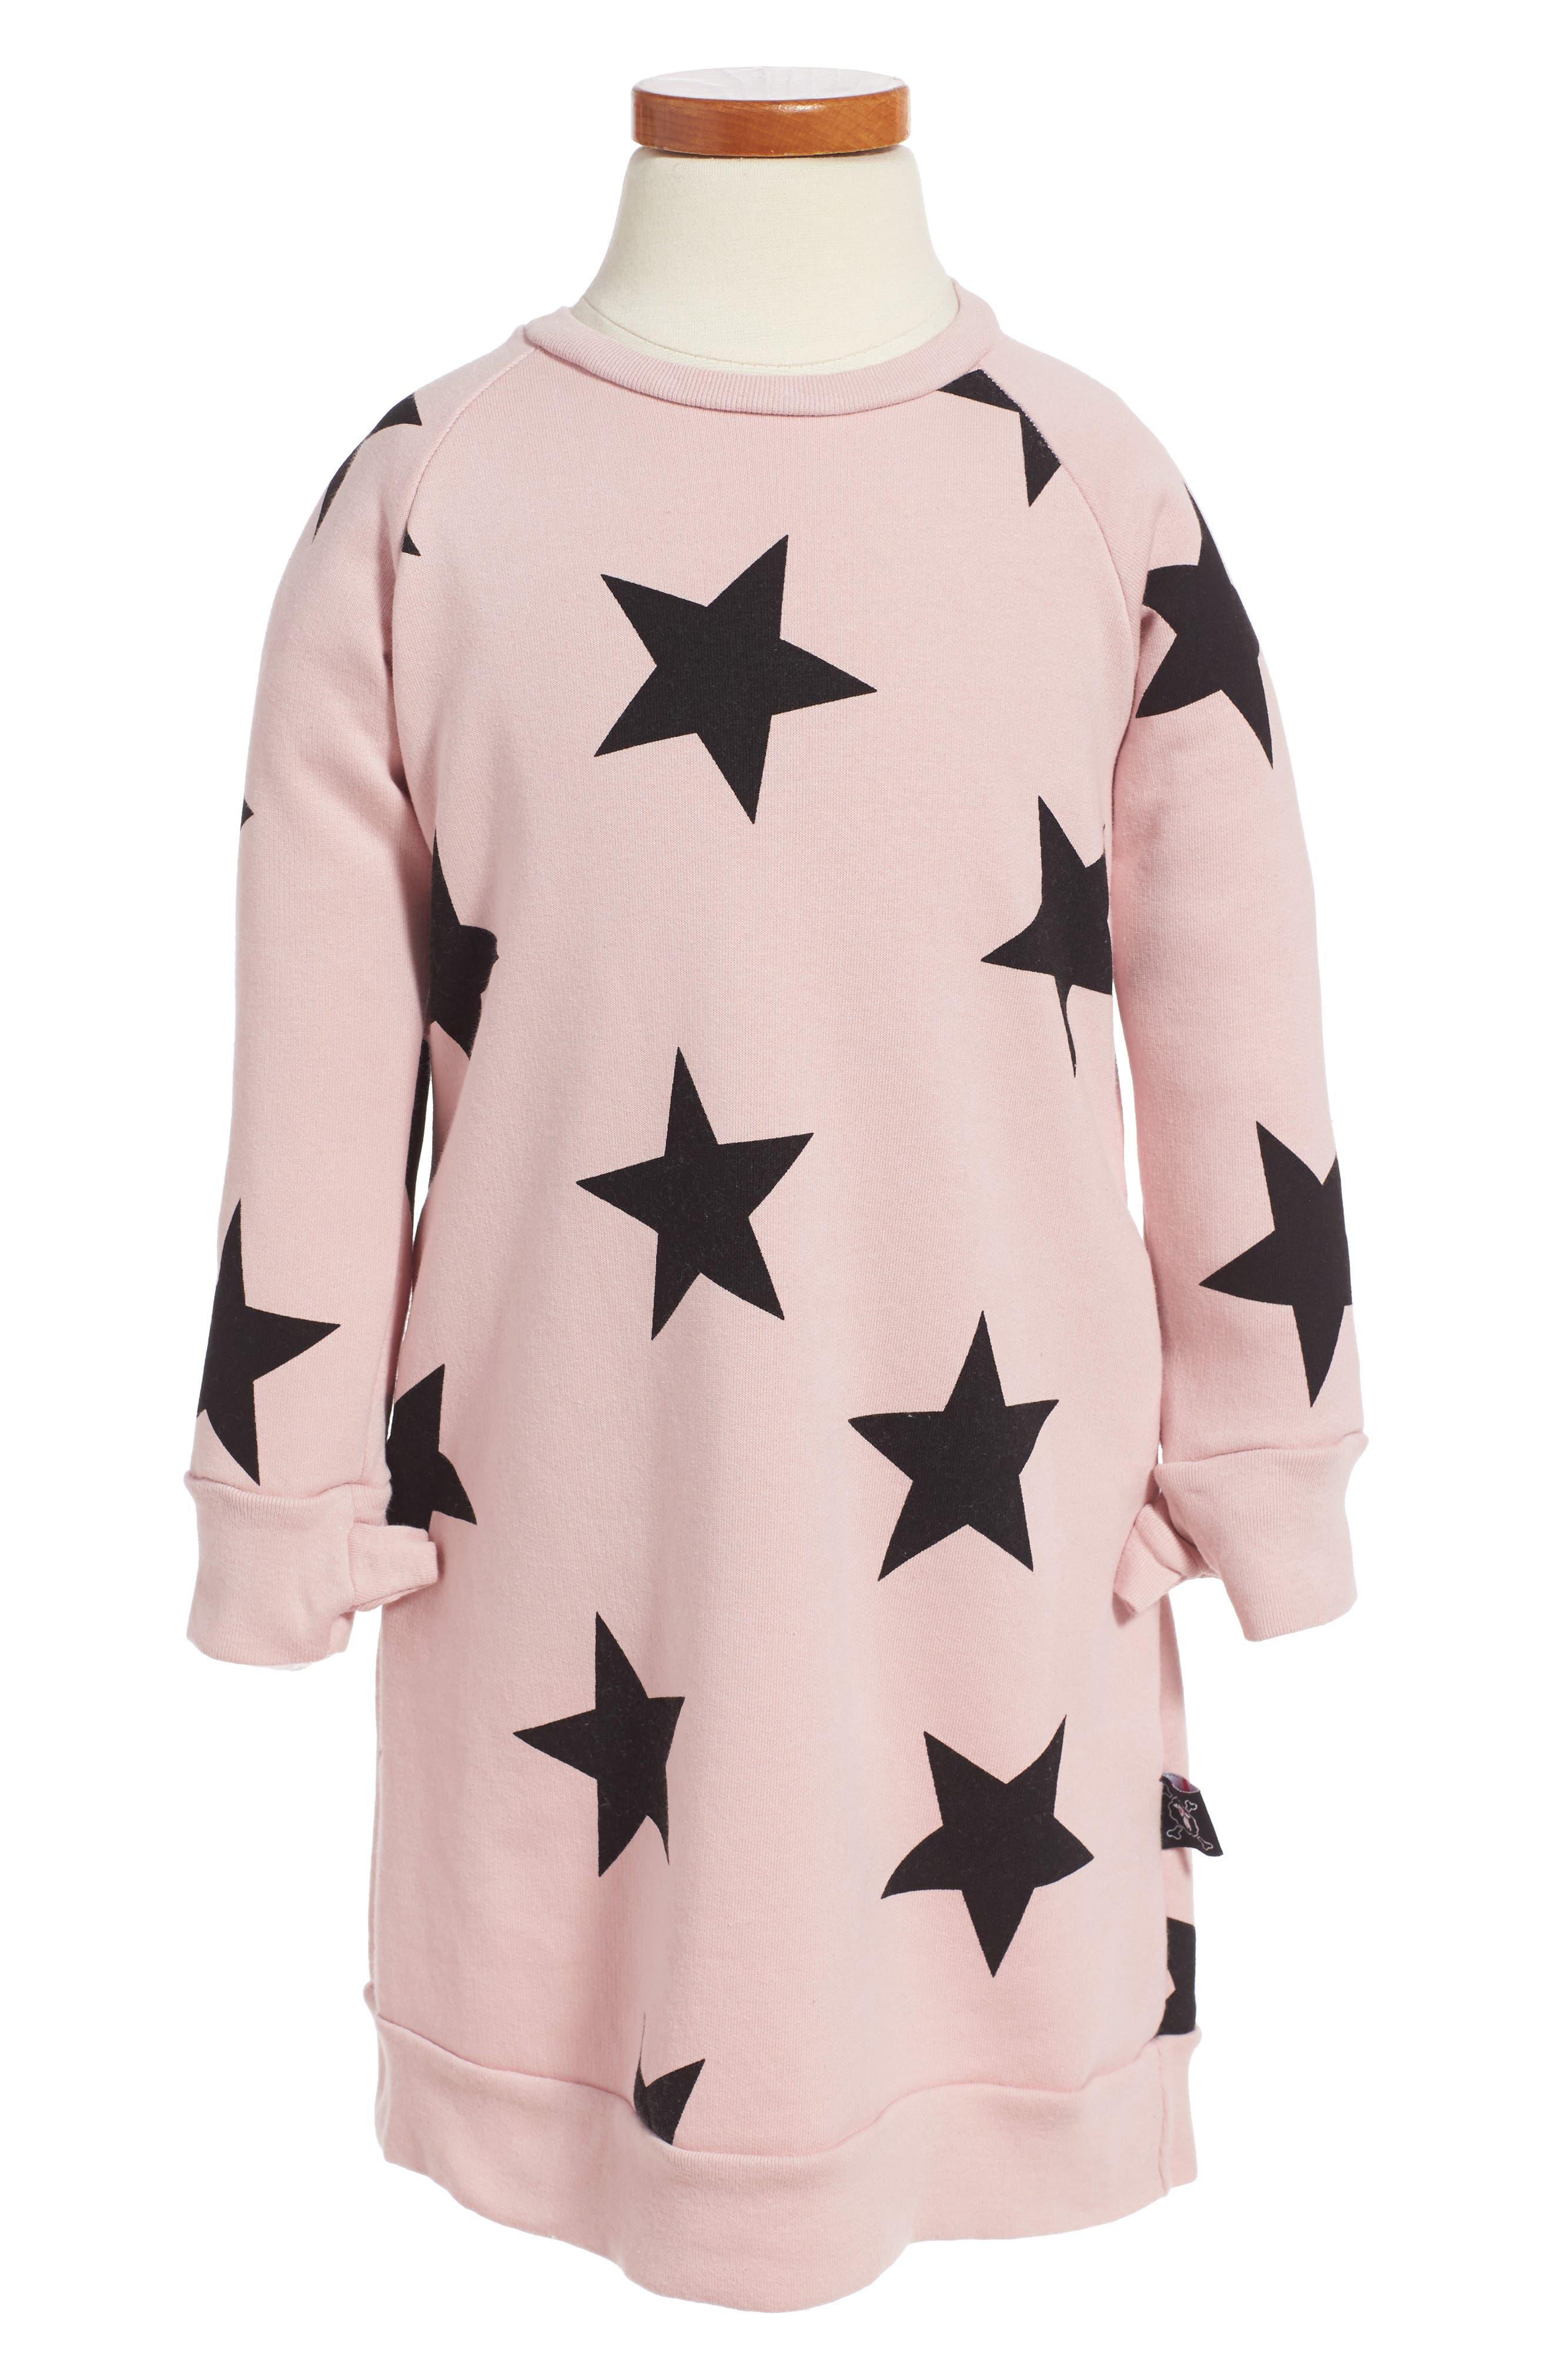 NUNUNU Star Print Sweater Dress